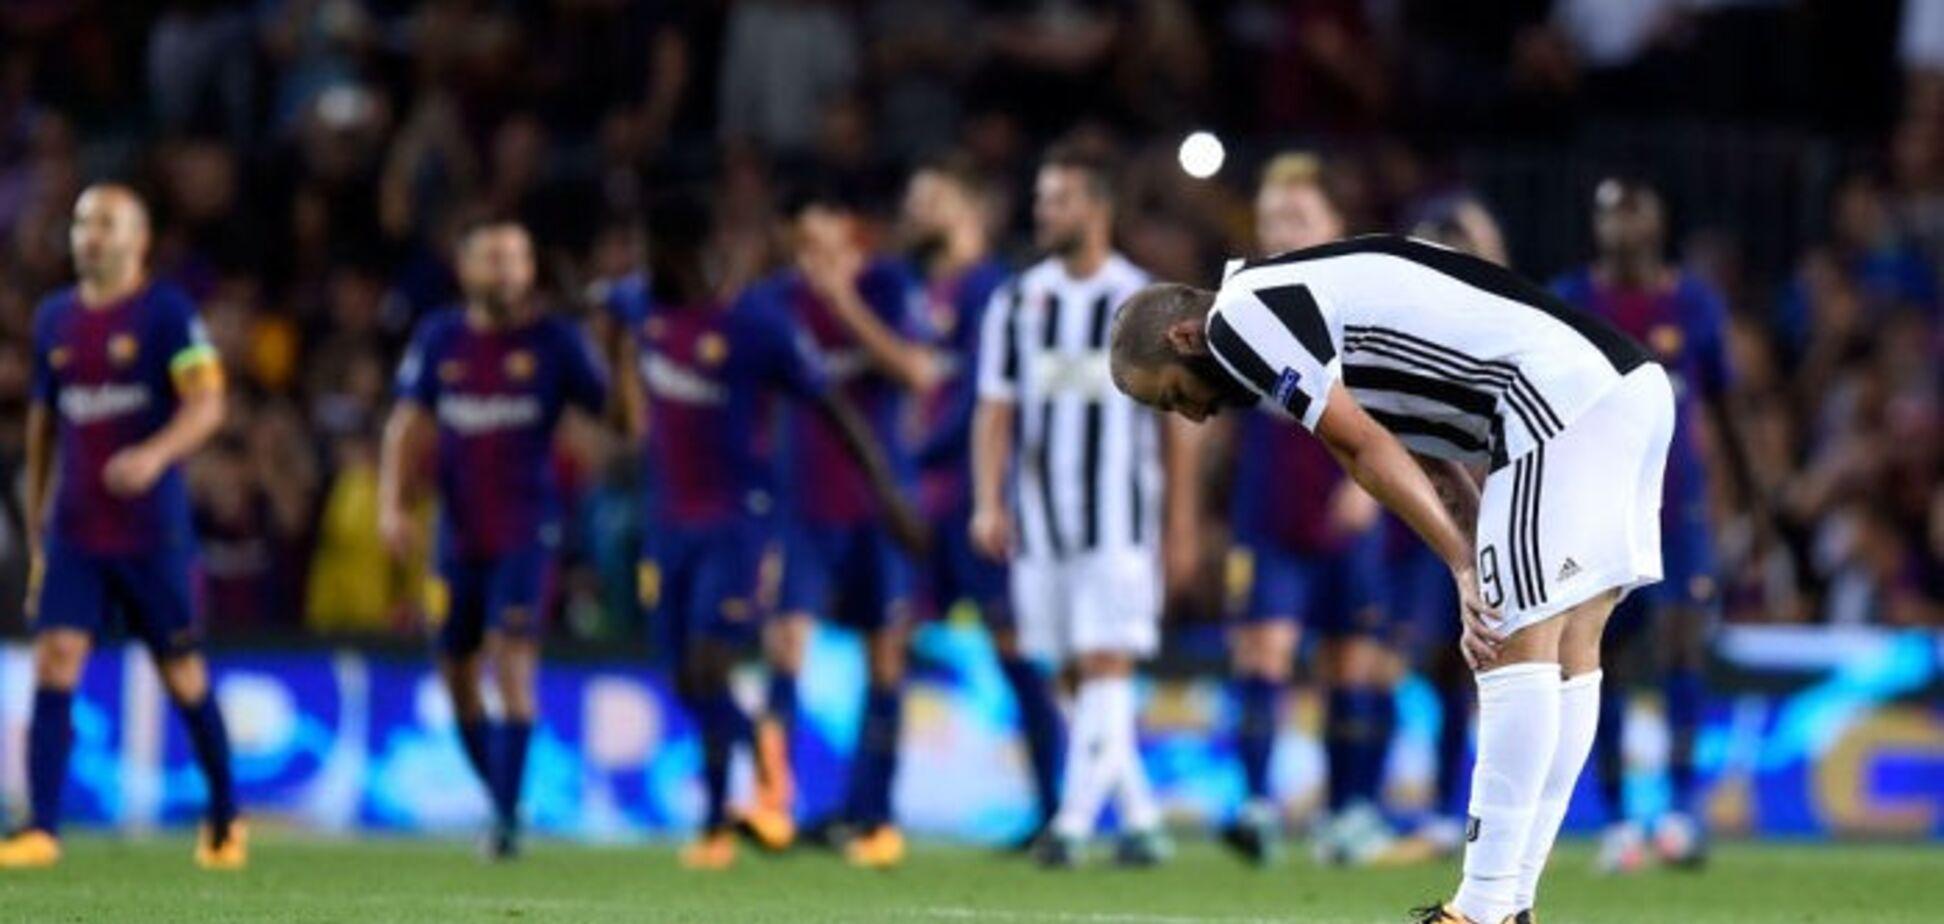 Матч Ліги чемпіонів 'Барселона' - 'Ювентус' завершився гучним скандалом